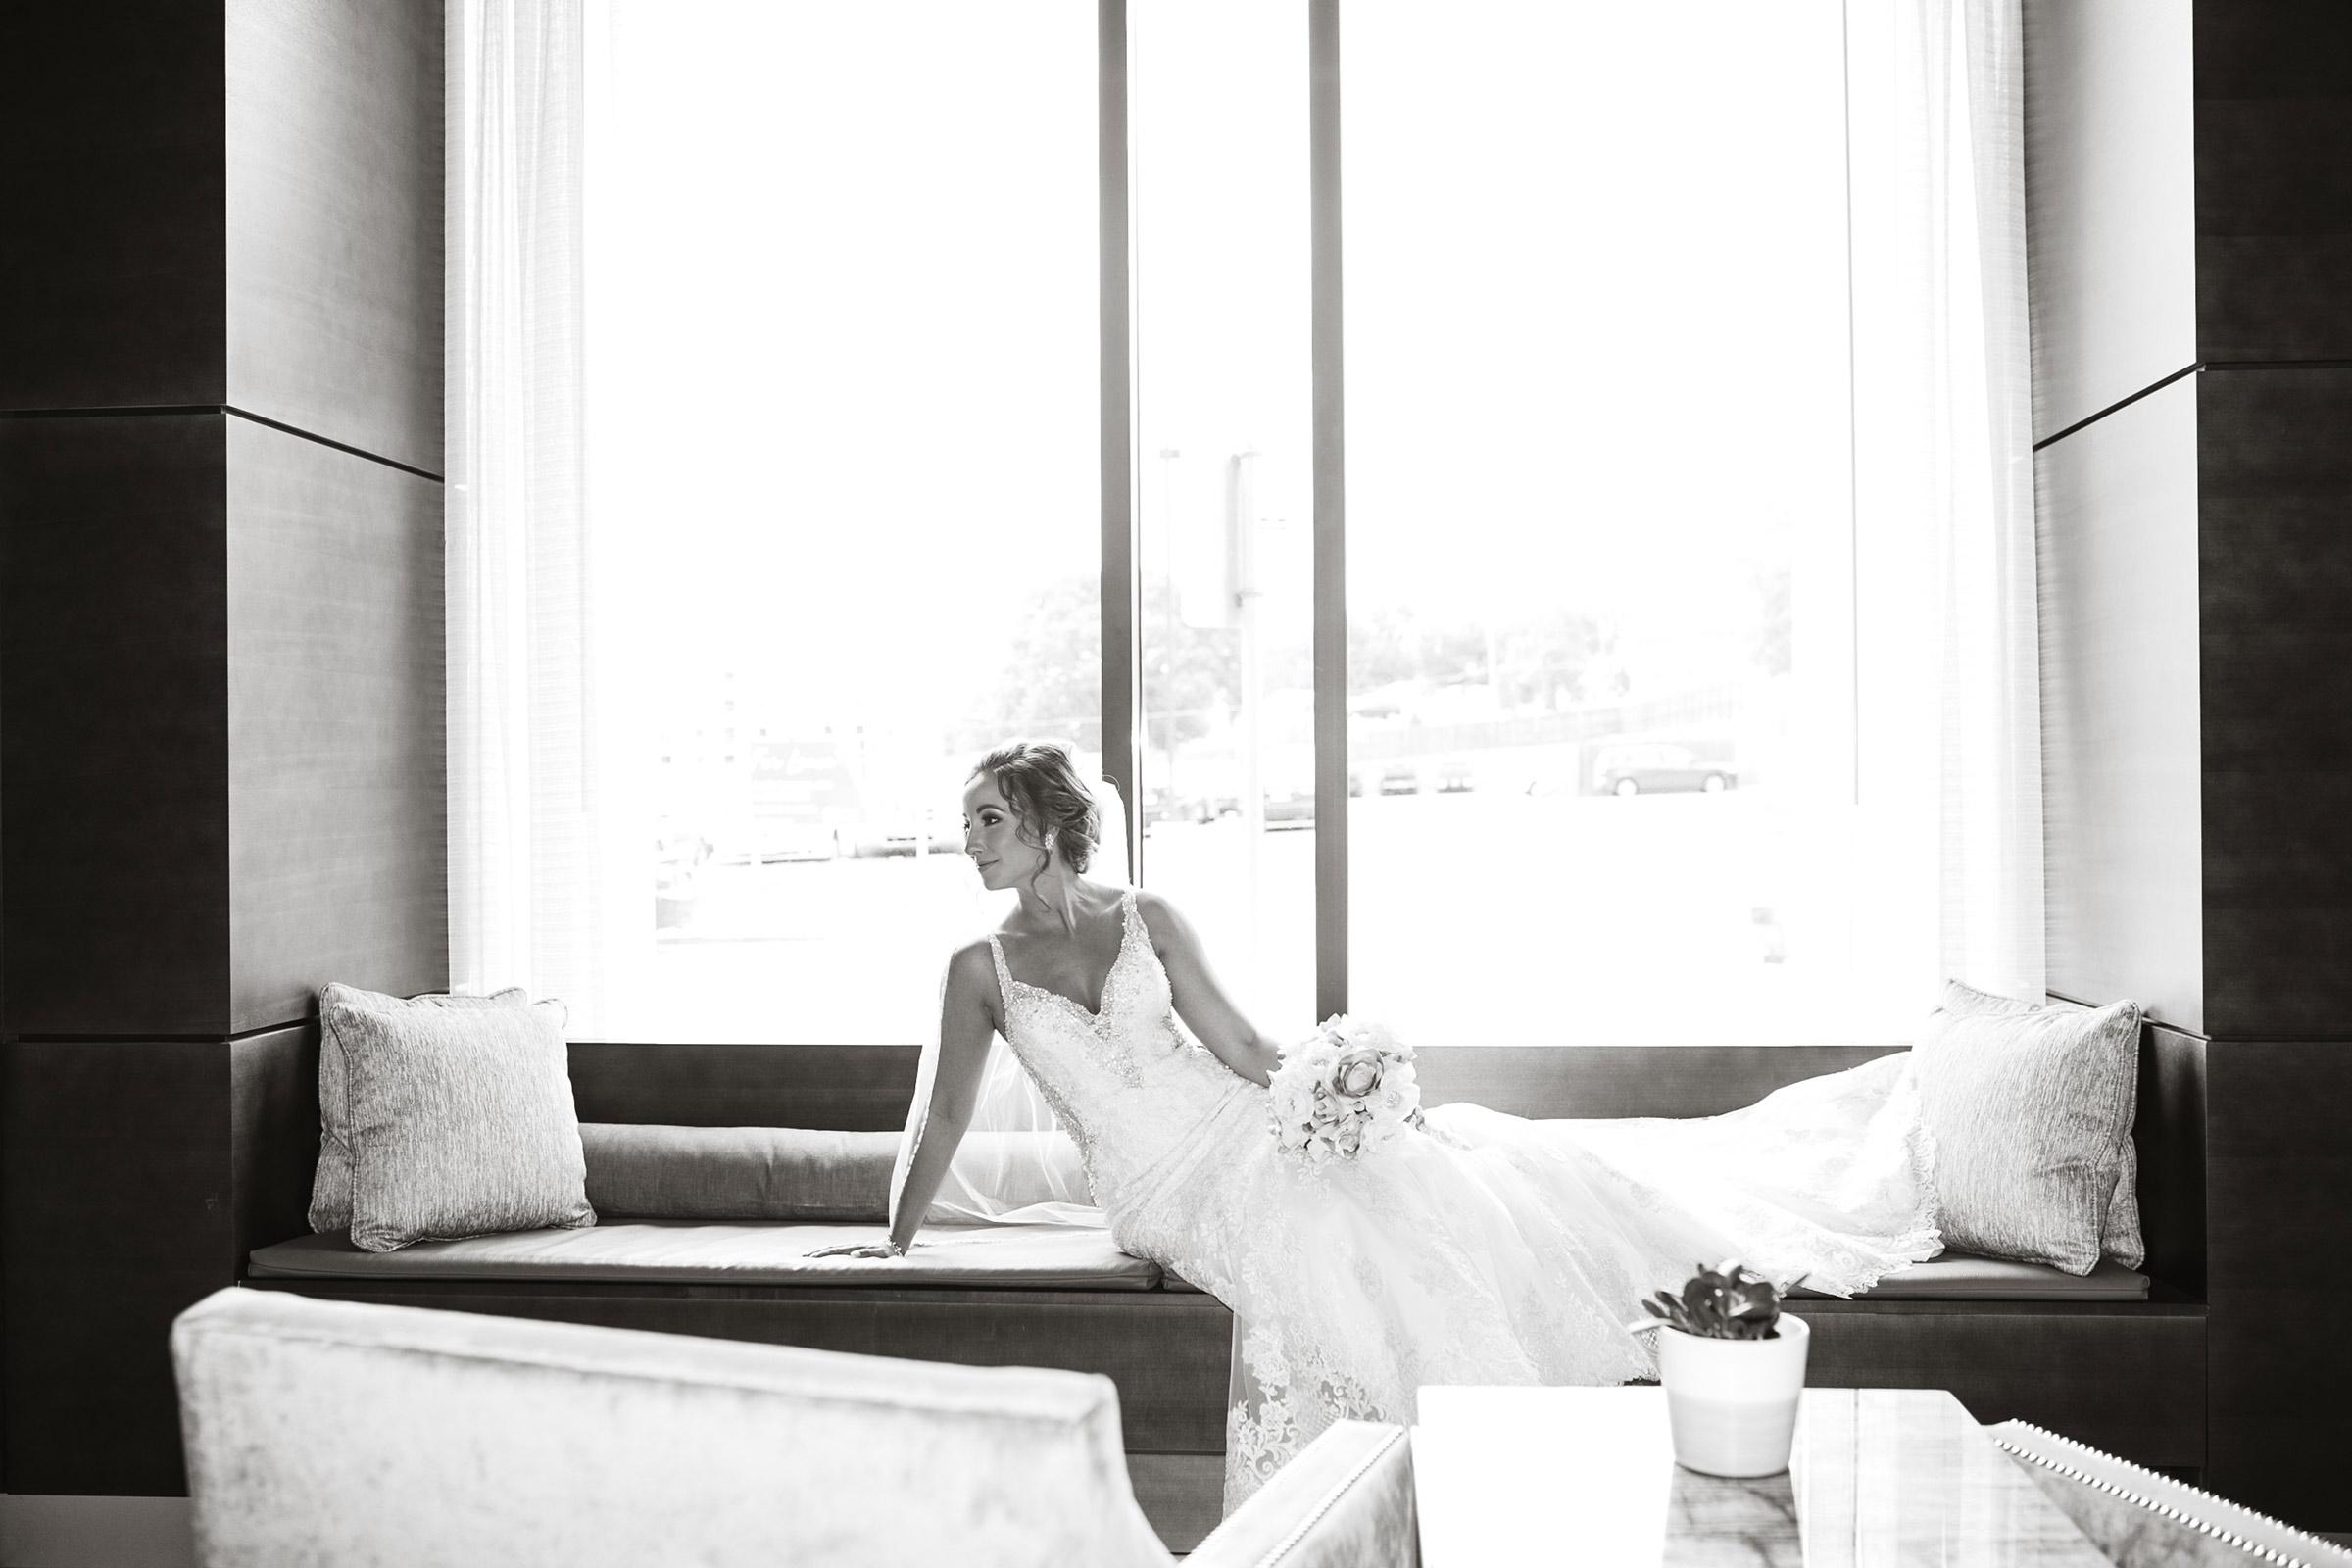 bride-posing-in-window-lobby-desmoines-iowa-ac-hotel-raelyn-ramey-photography.jpg